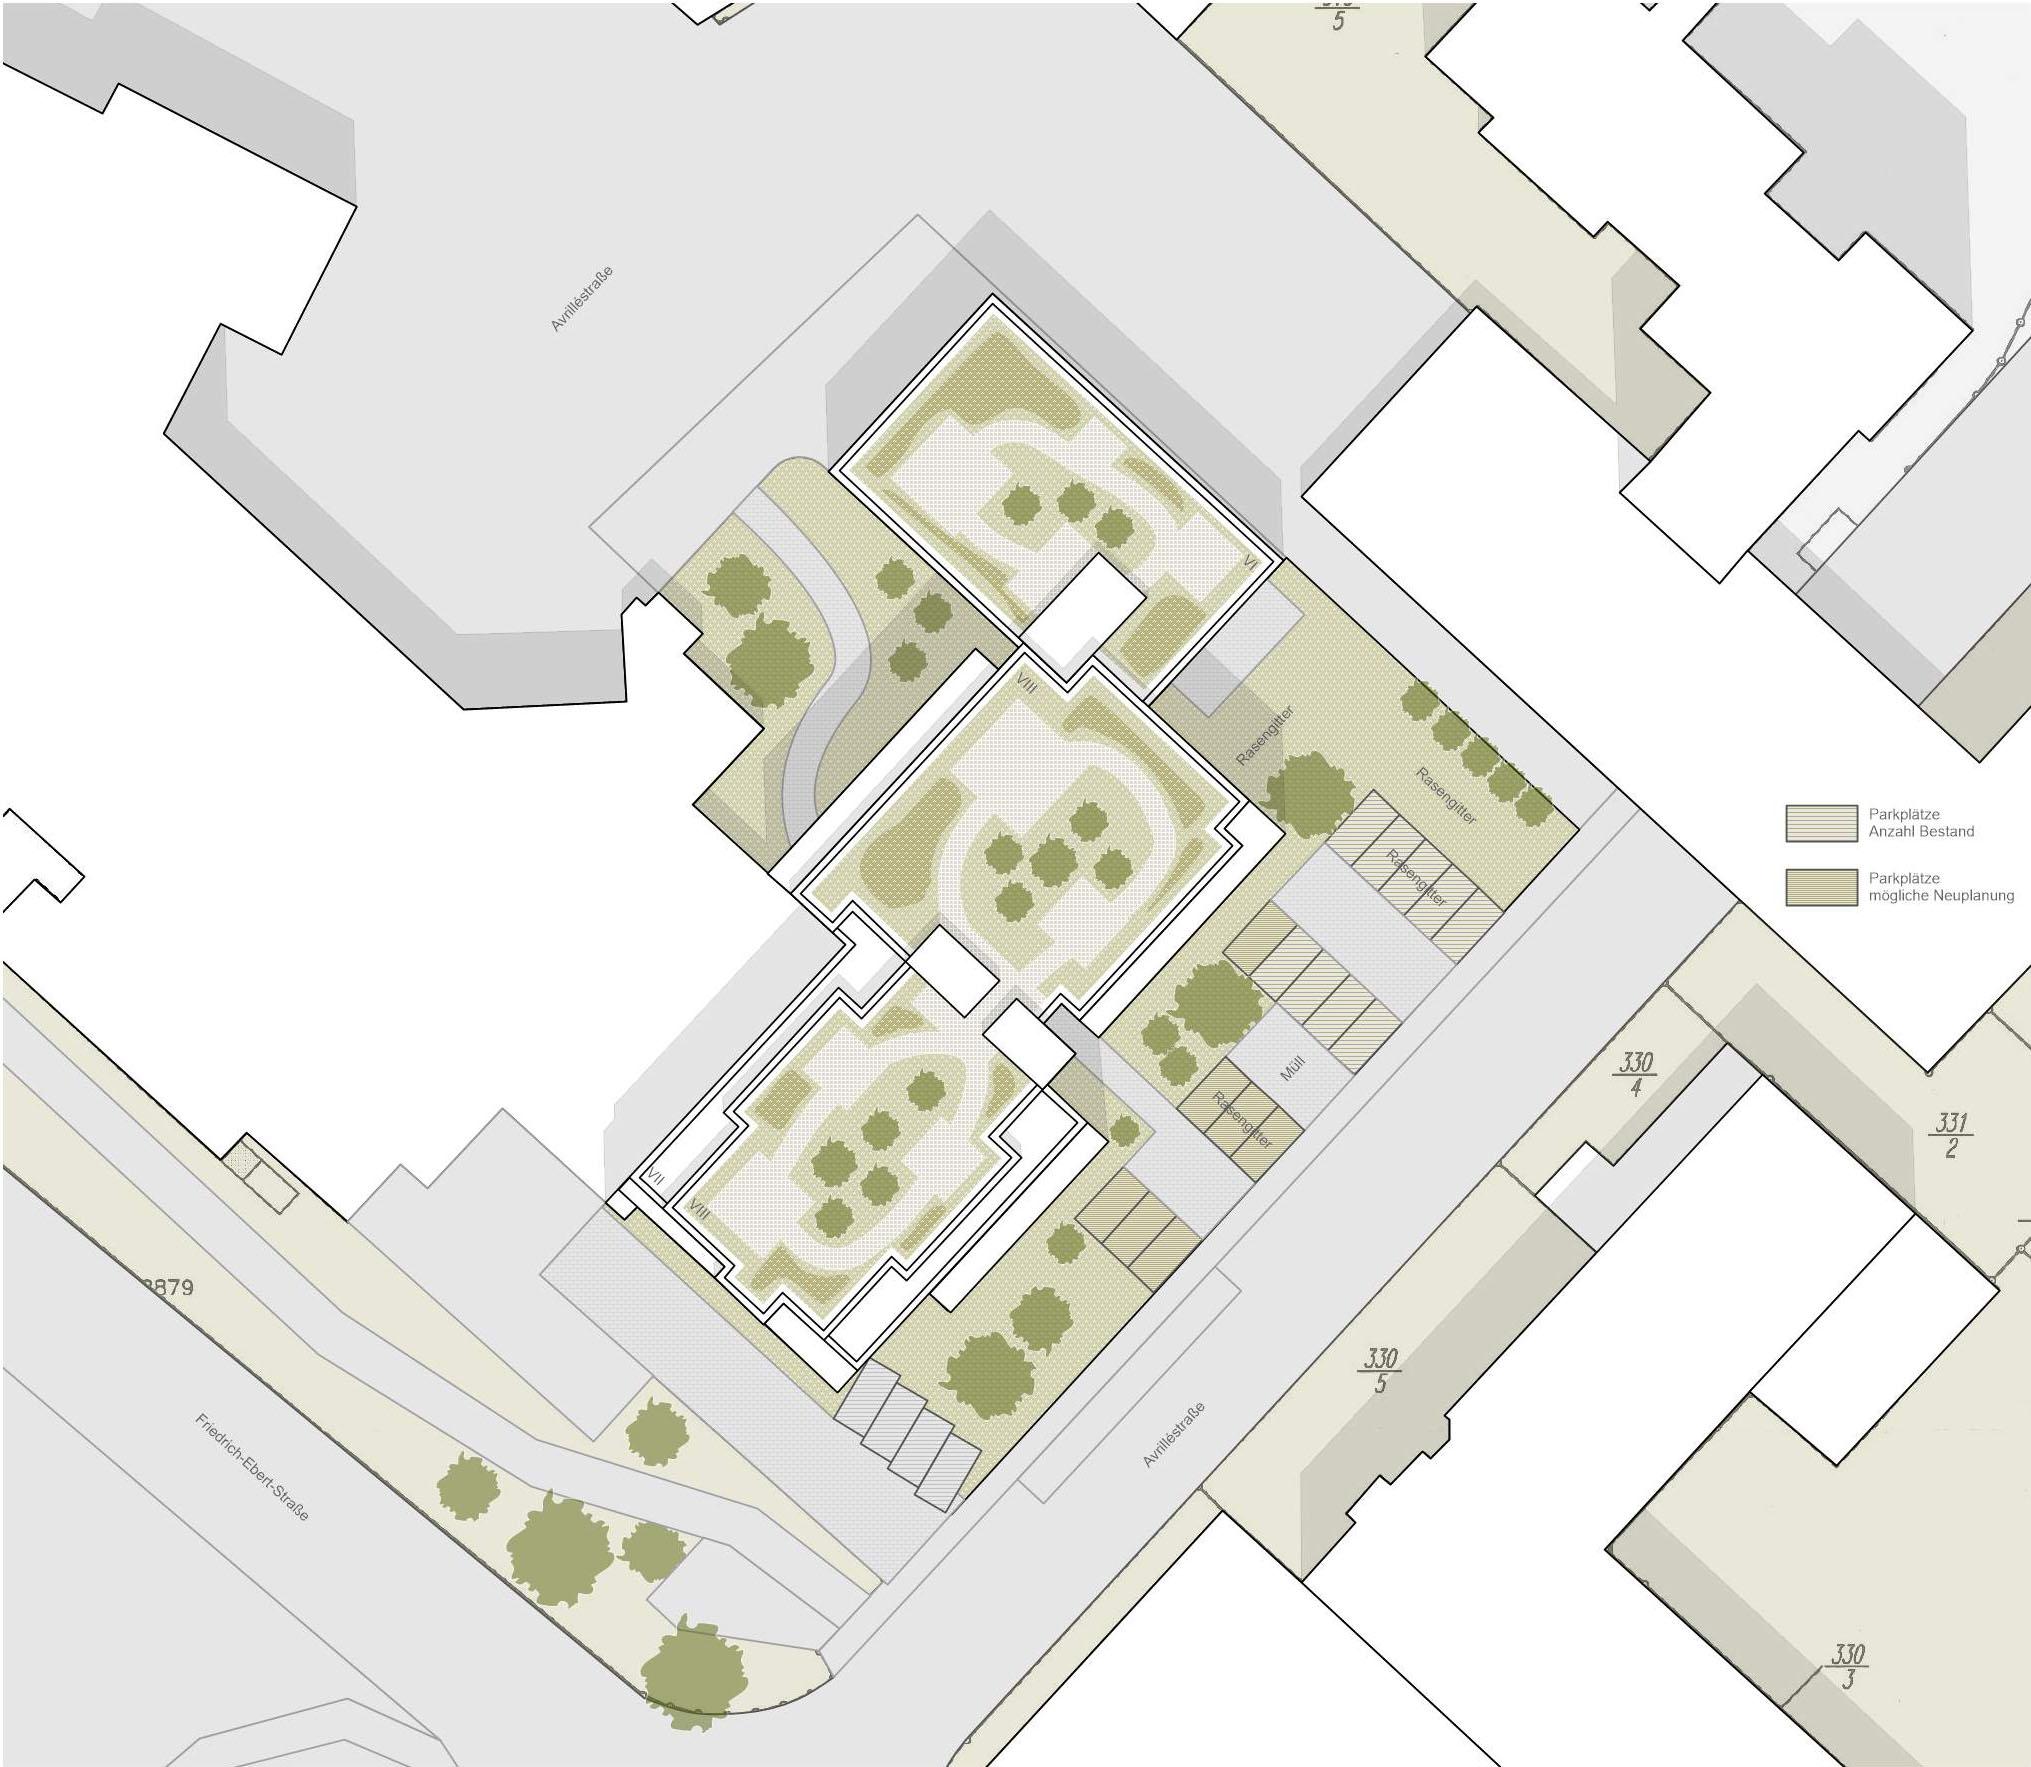 Projekt 377 Avrilléstraße Marktplatz Schwalbach Lageplan FFM-ARCHITEKTEN